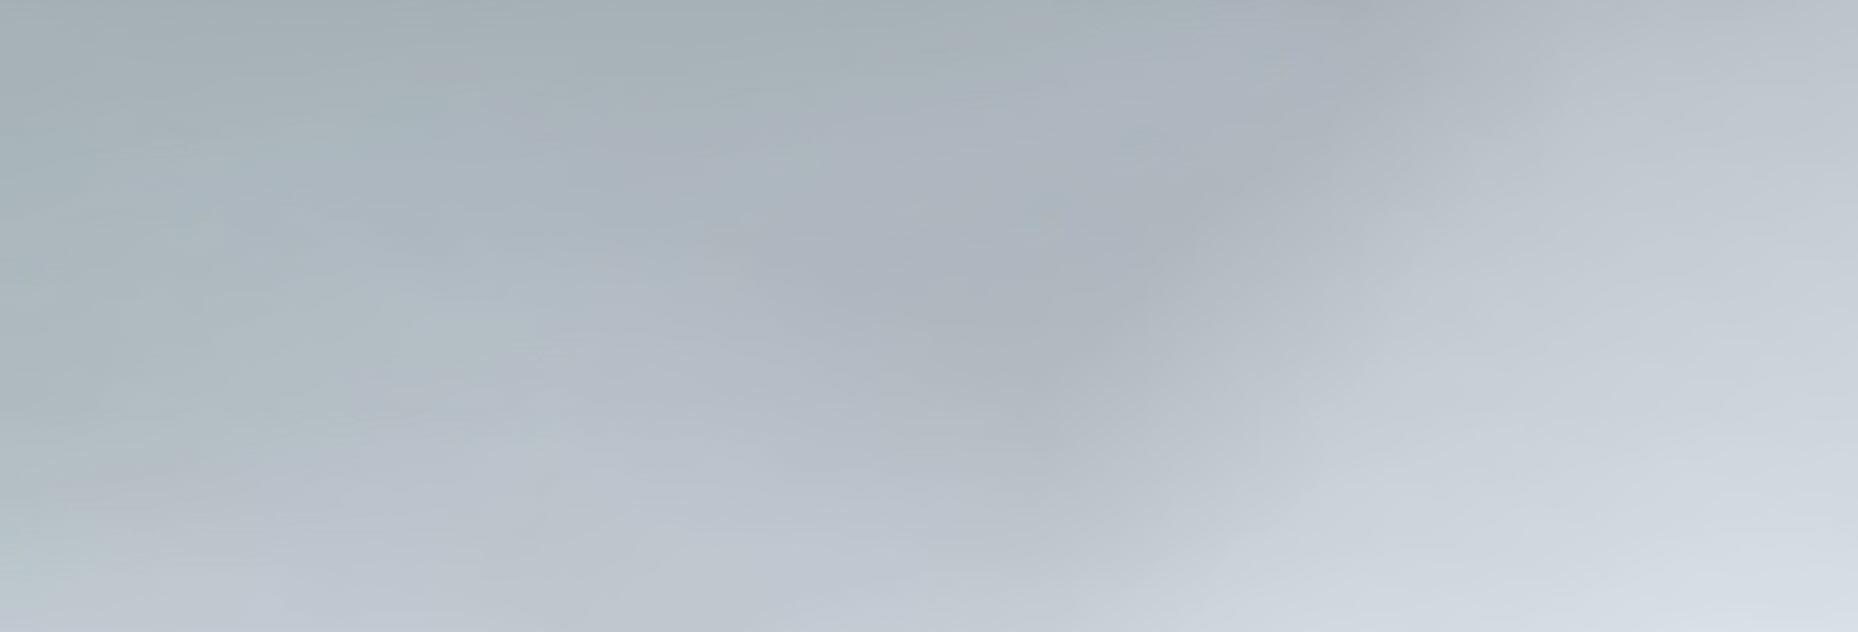 Full Size of Bulthaup Küchen Abverkauf österreich Kchenhersteller Berblick Ber Alle Kchenmbel Hersteller Bad Inselküche Regal Wohnzimmer Bulthaup Küchen Abverkauf österreich